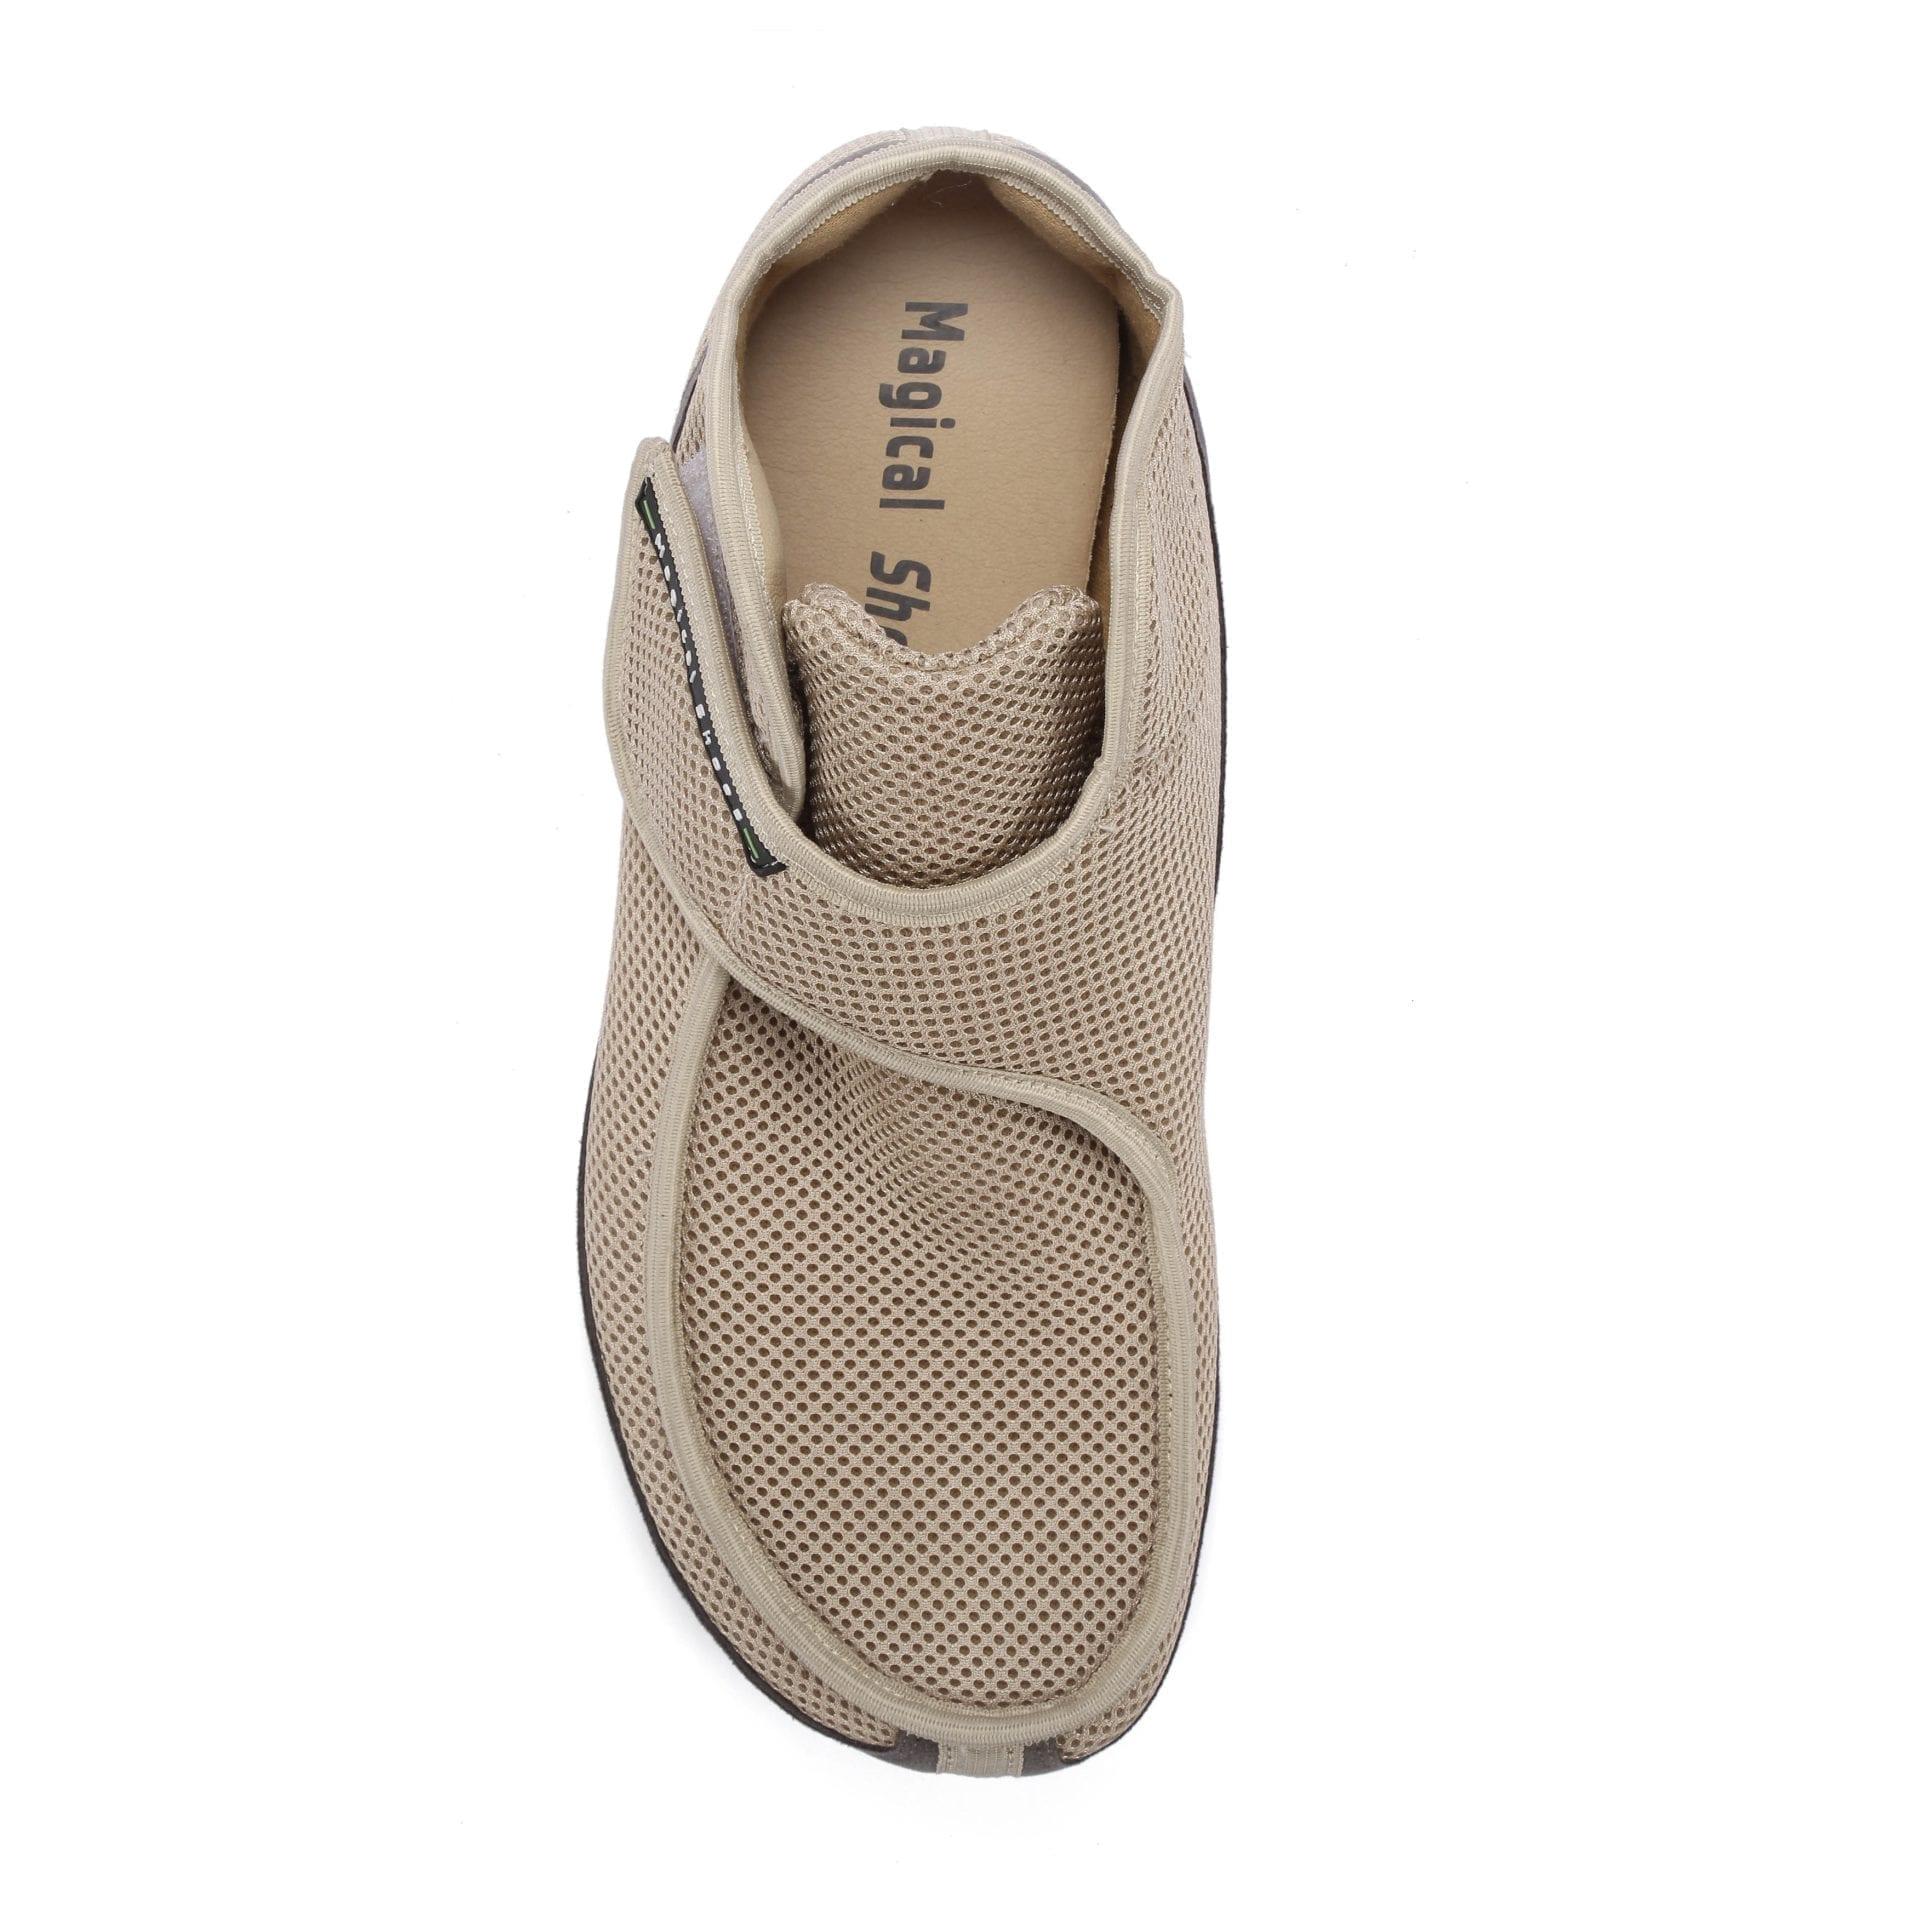 Barfußschuh-Hersteller Magical Shoes Recovery Beige Barfußschuhe für natürliches und gesundes Gehen & Laufen breite Zehenbox